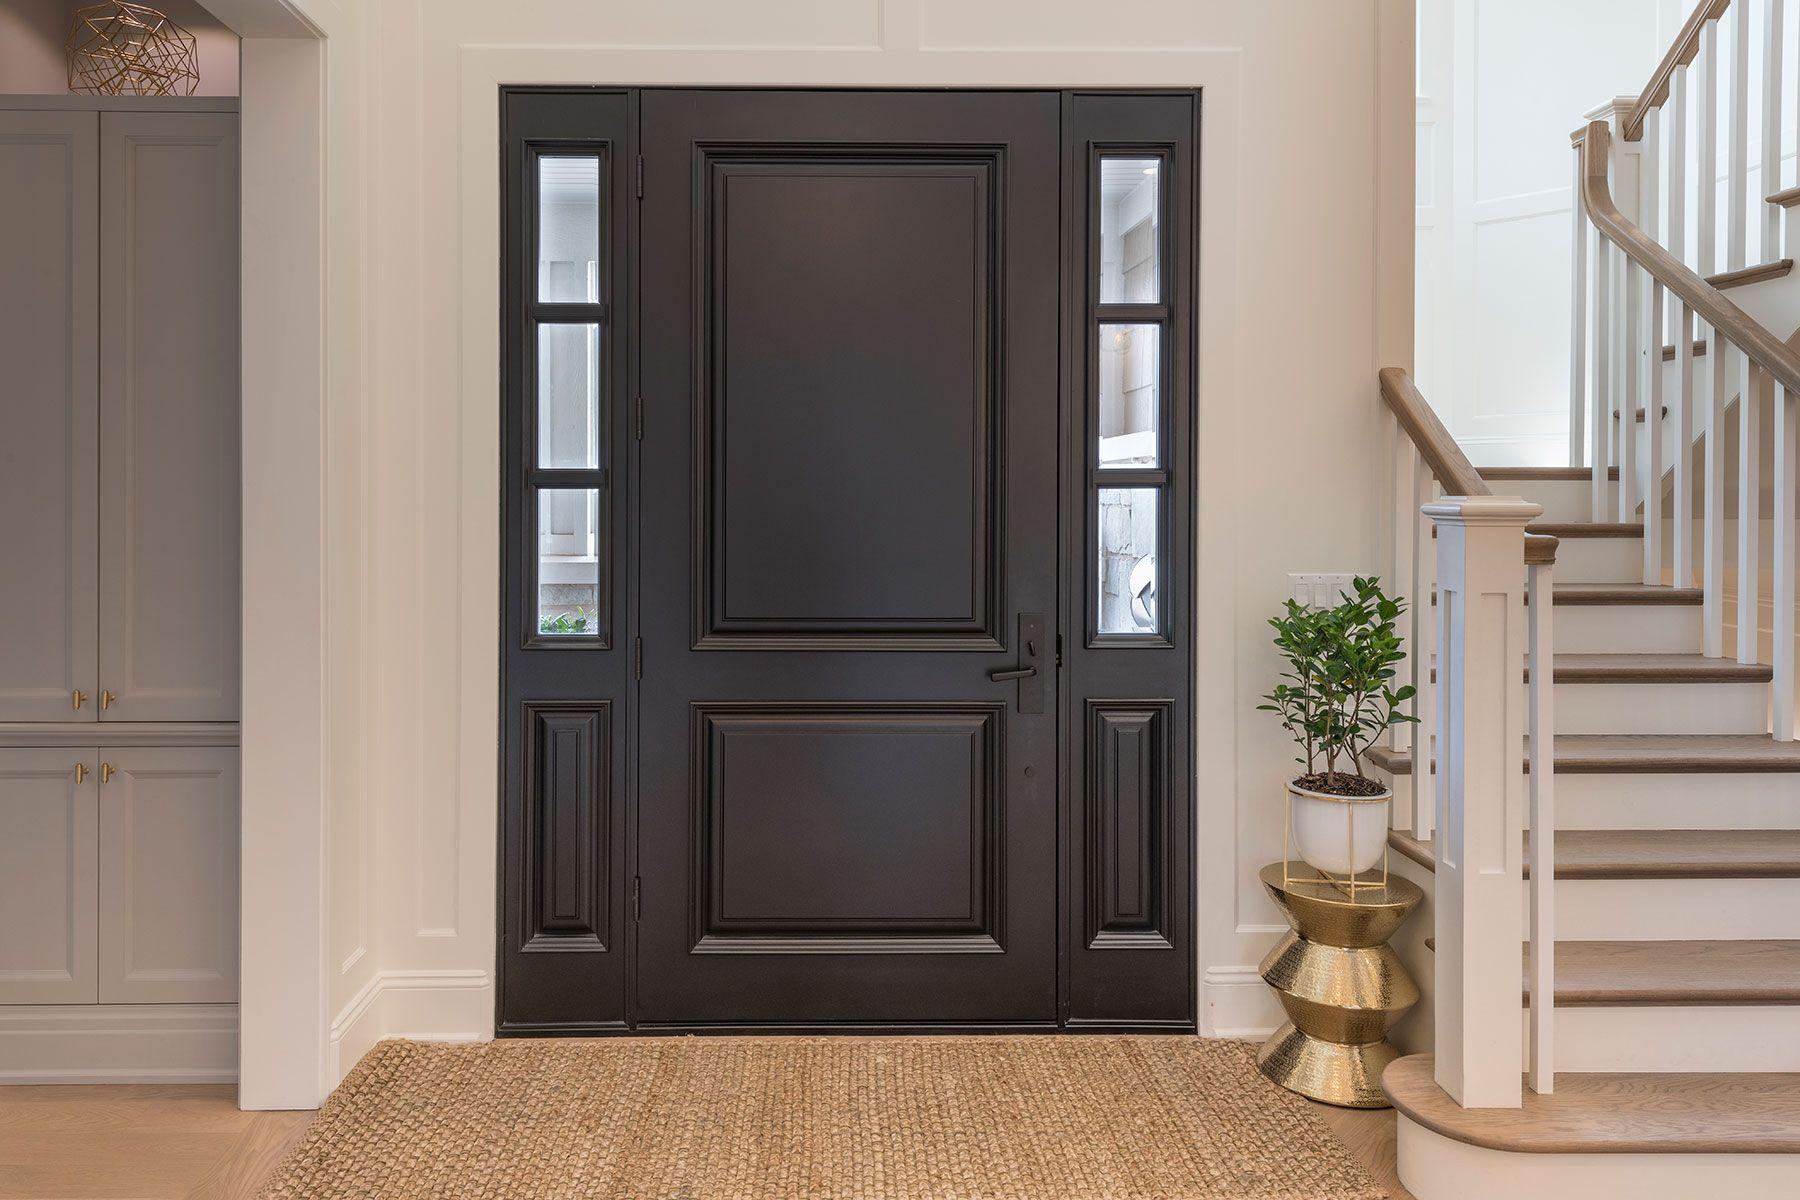 Wood Front Entry Doors In Stock Classic Solid Wood Euro Technology Front Entry Door Db 301 Wood Front Entry Doors Custom Interior Doors Custom Entry Doors